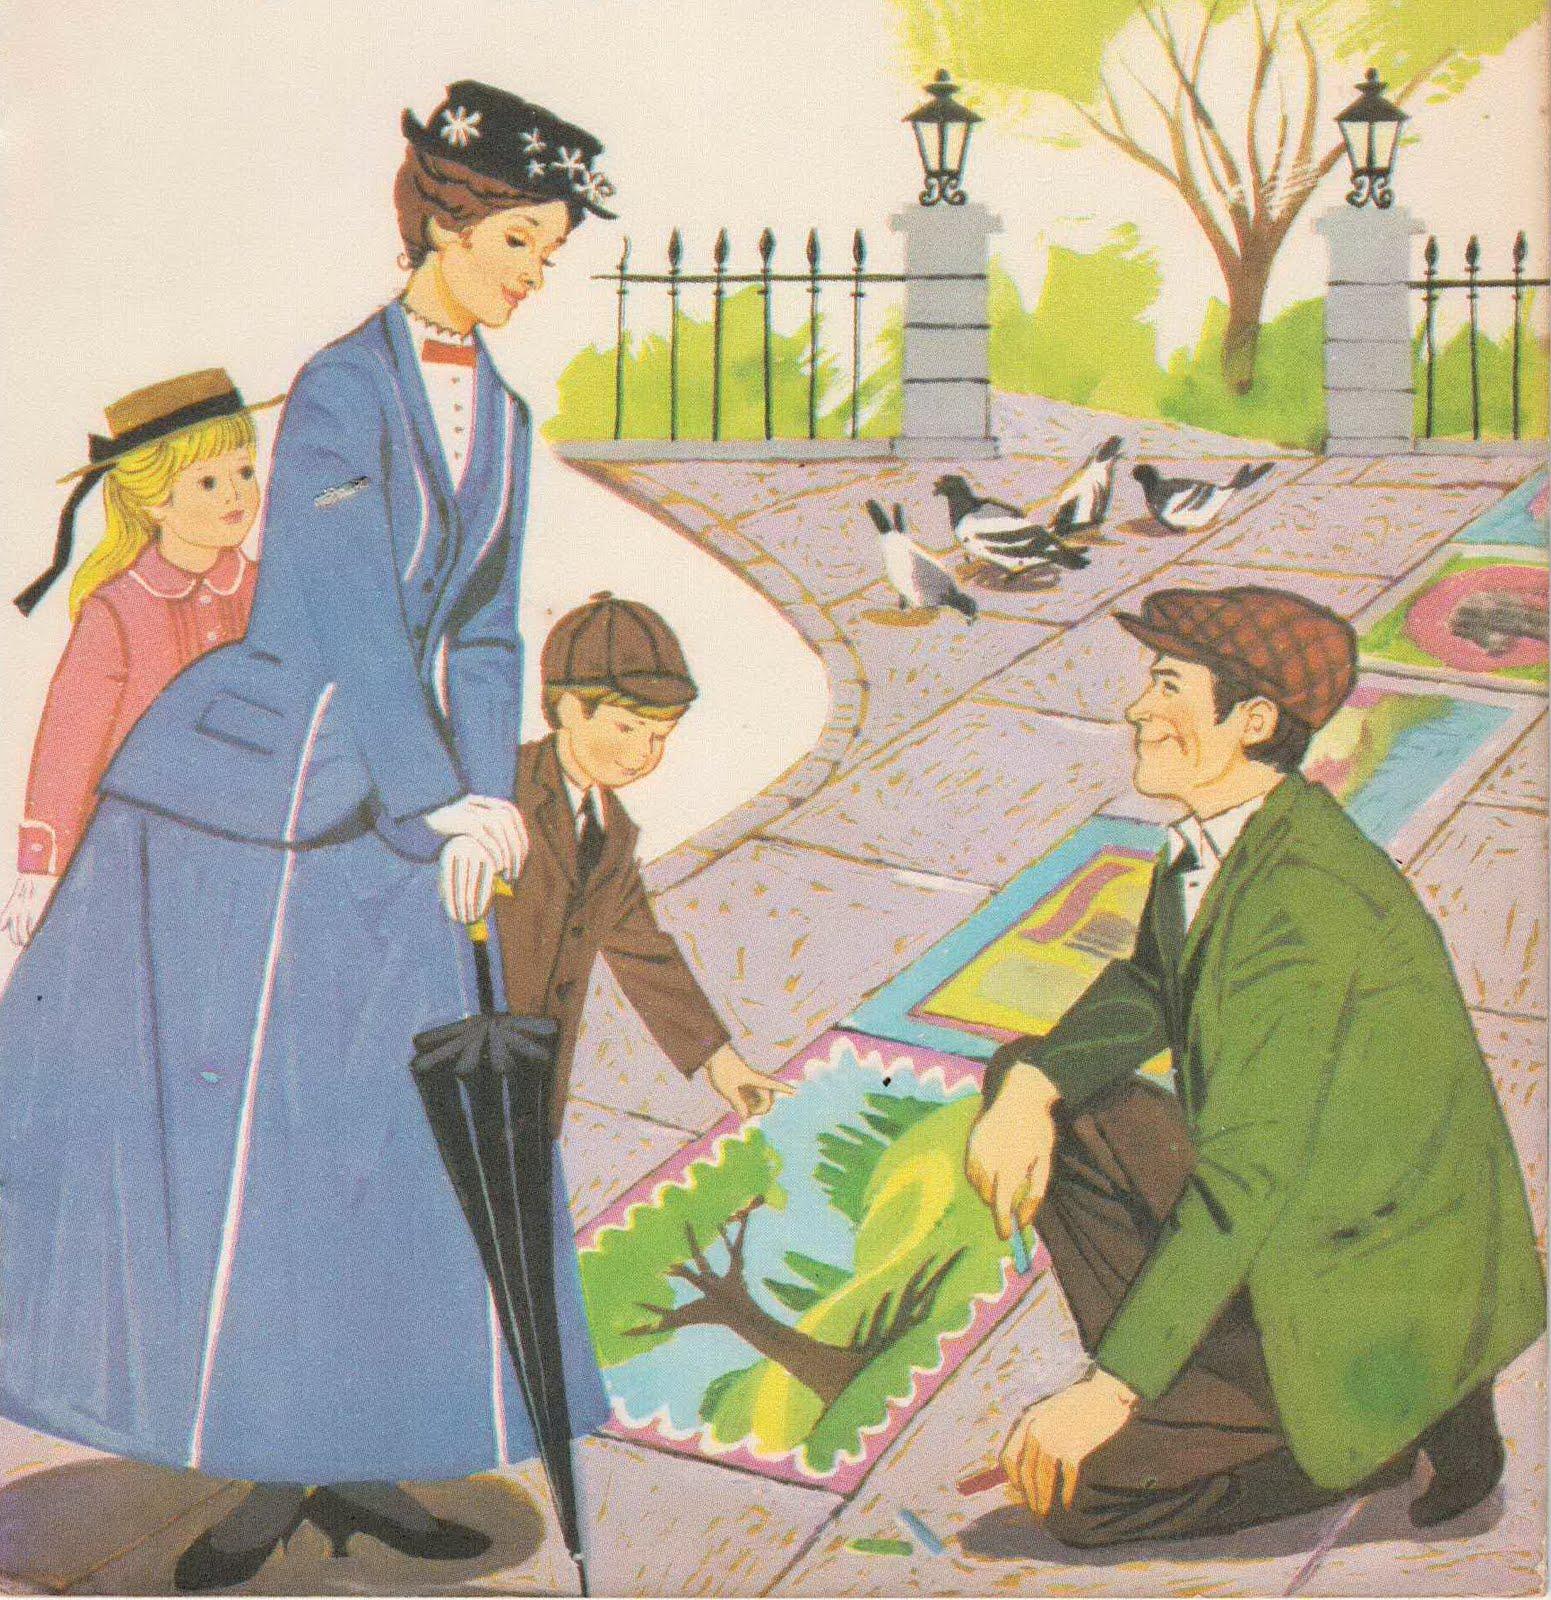 Mary poppins libro de cuentos - Dibujos infantiles originales ...